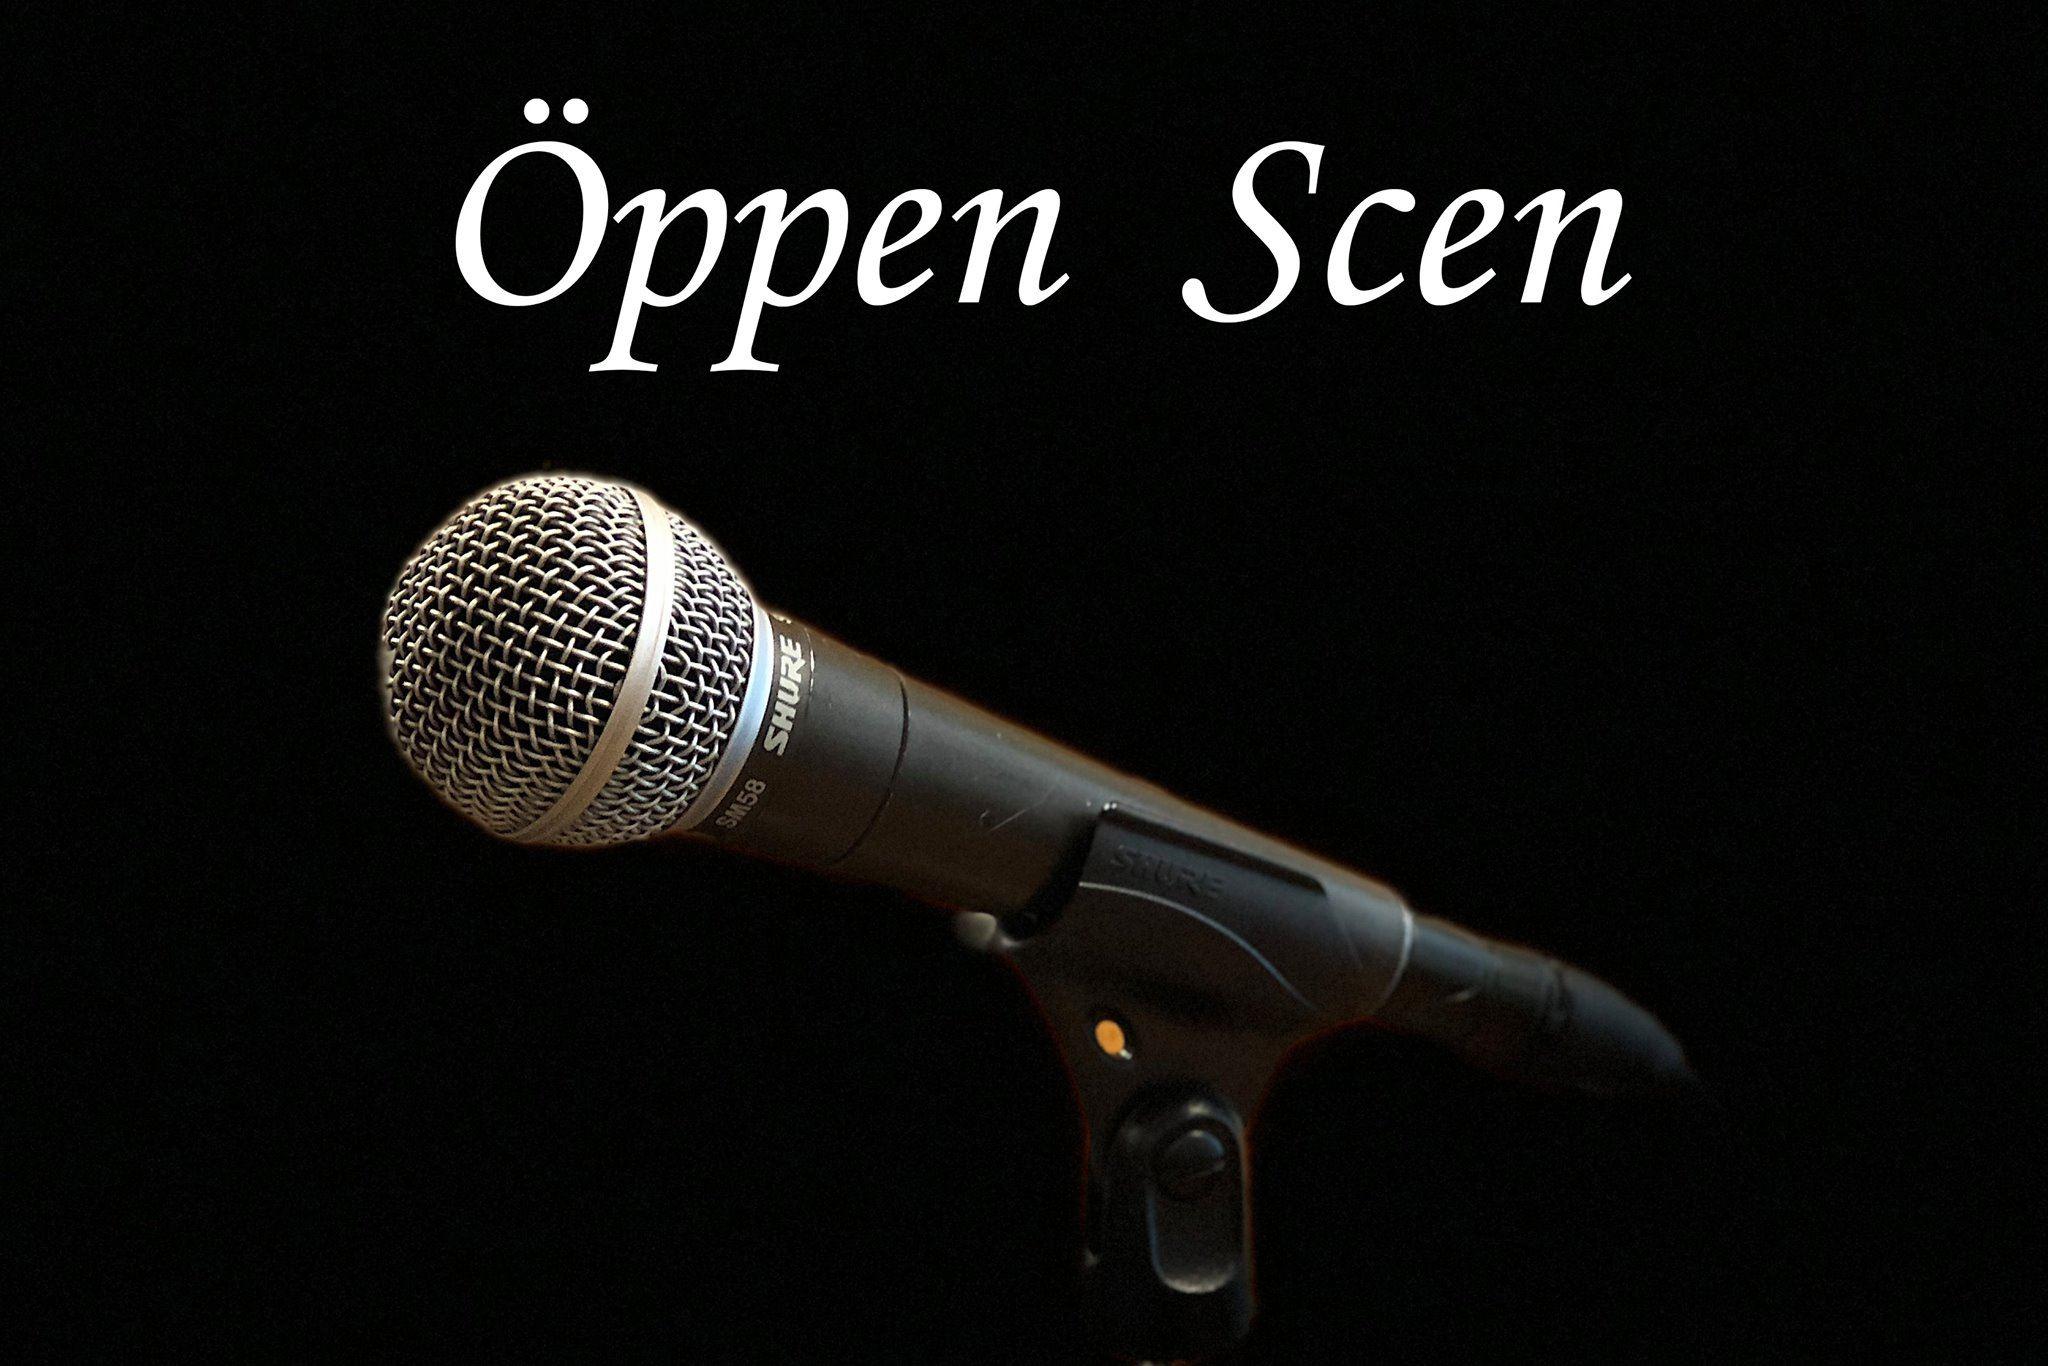 Öppen scen